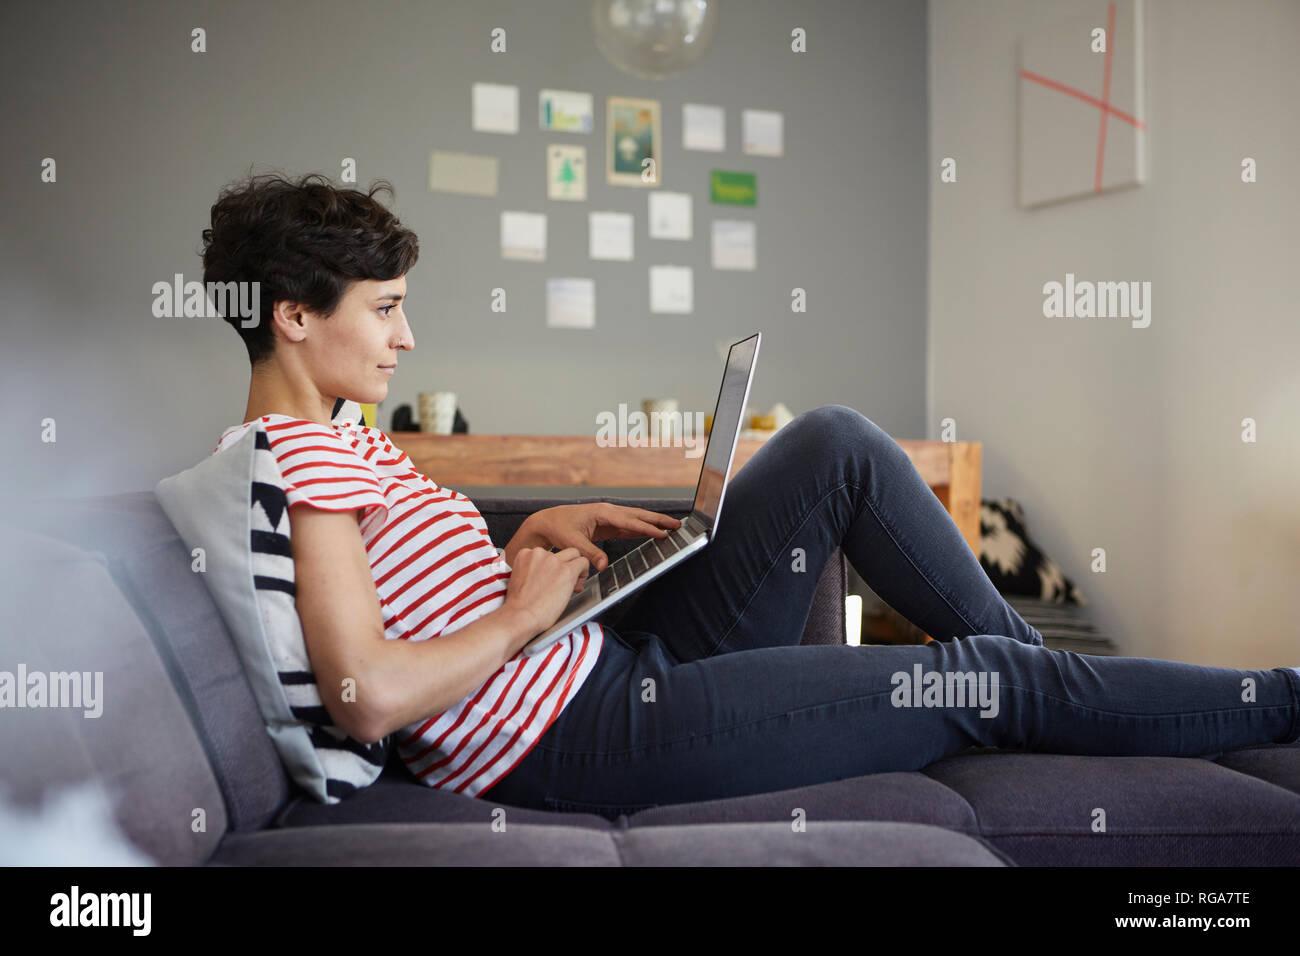 Frau mit Laptop auf der Couch zu Hause Stockbild